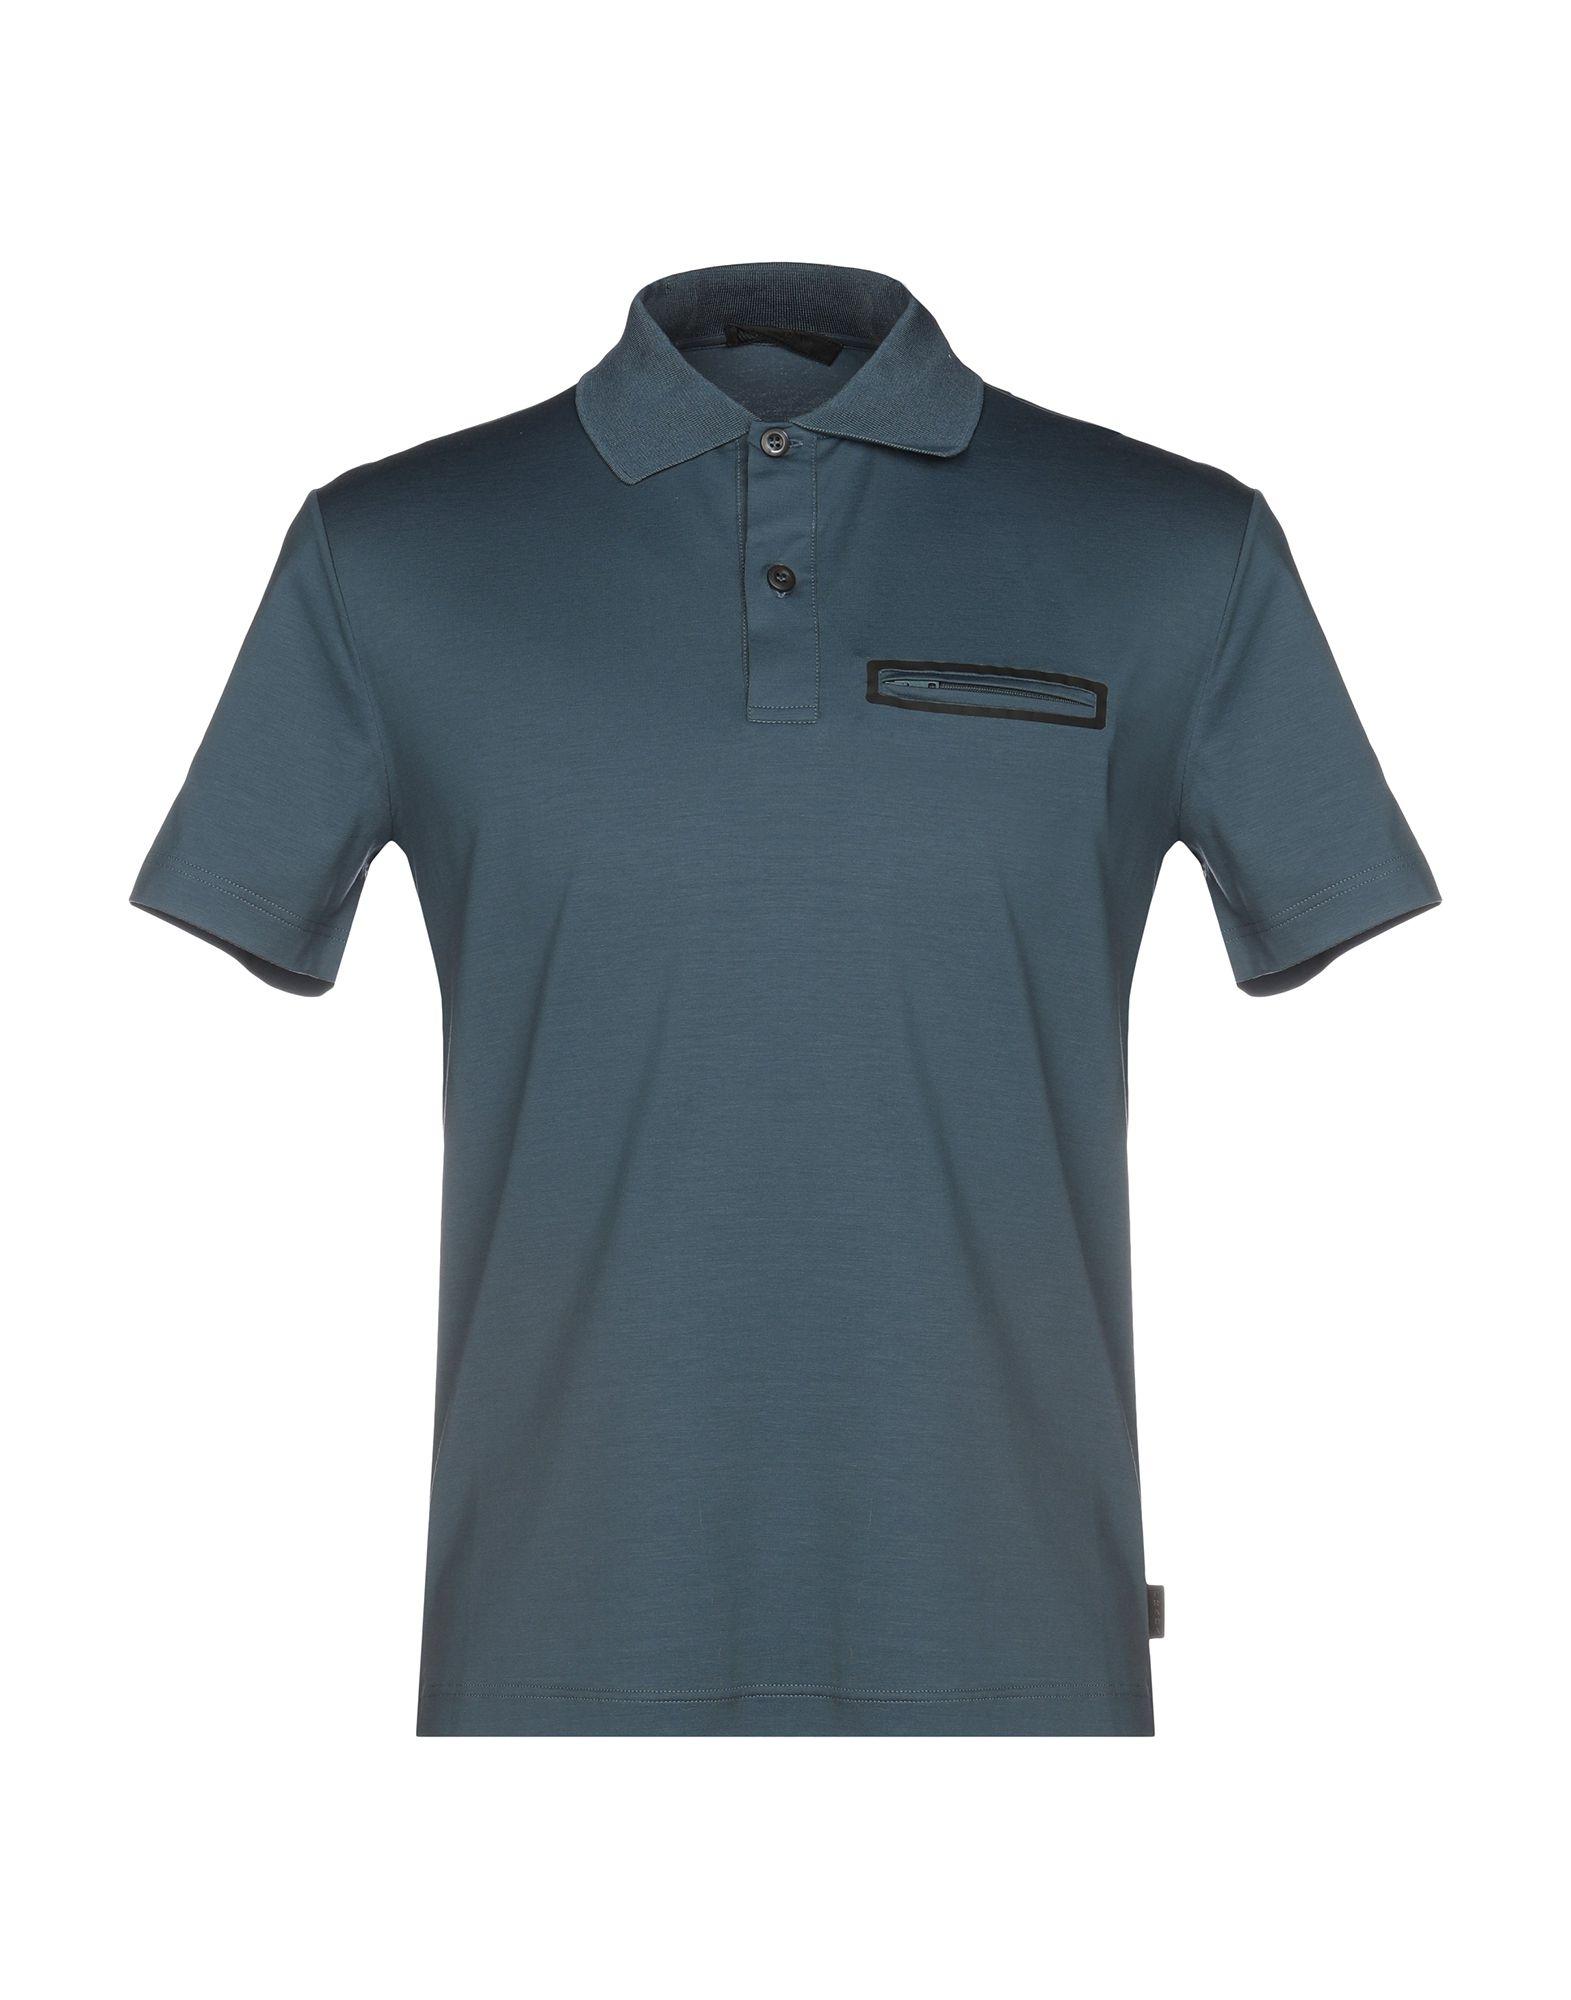 d56d640b Prada Polo Shirt - Men Prada Polo Shirts online on YOOX United ...